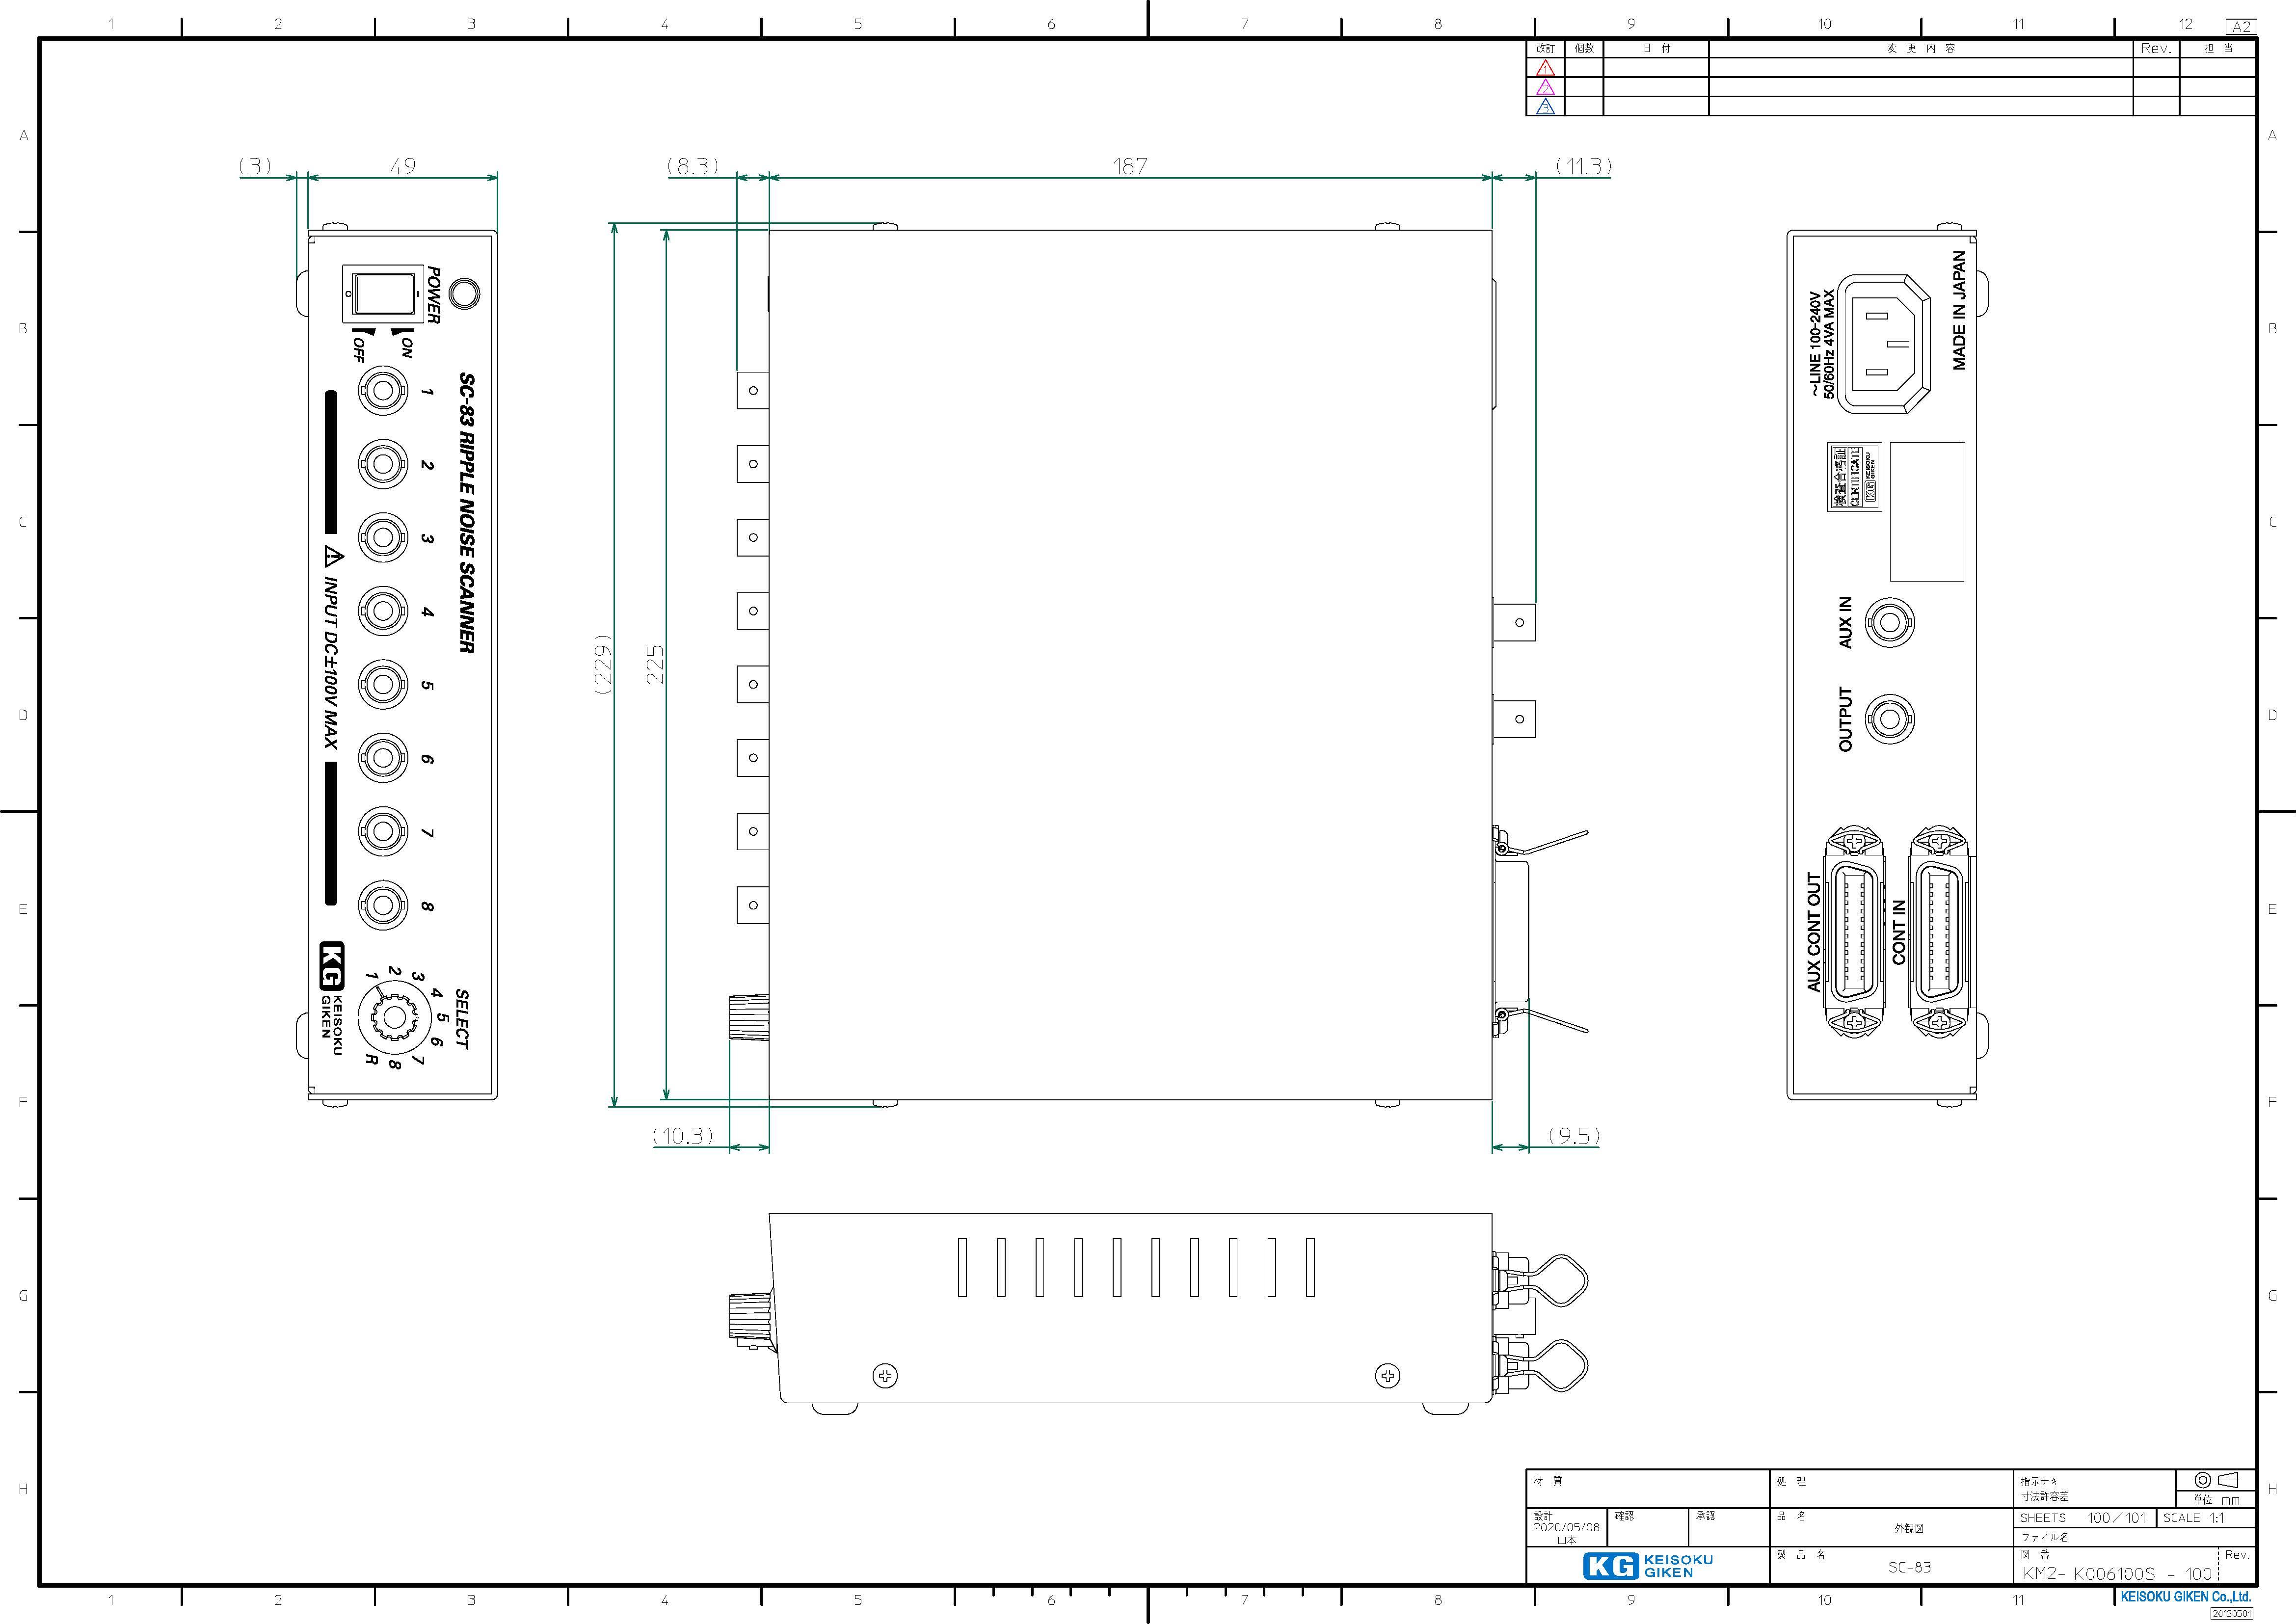 SC-83外観図PDF